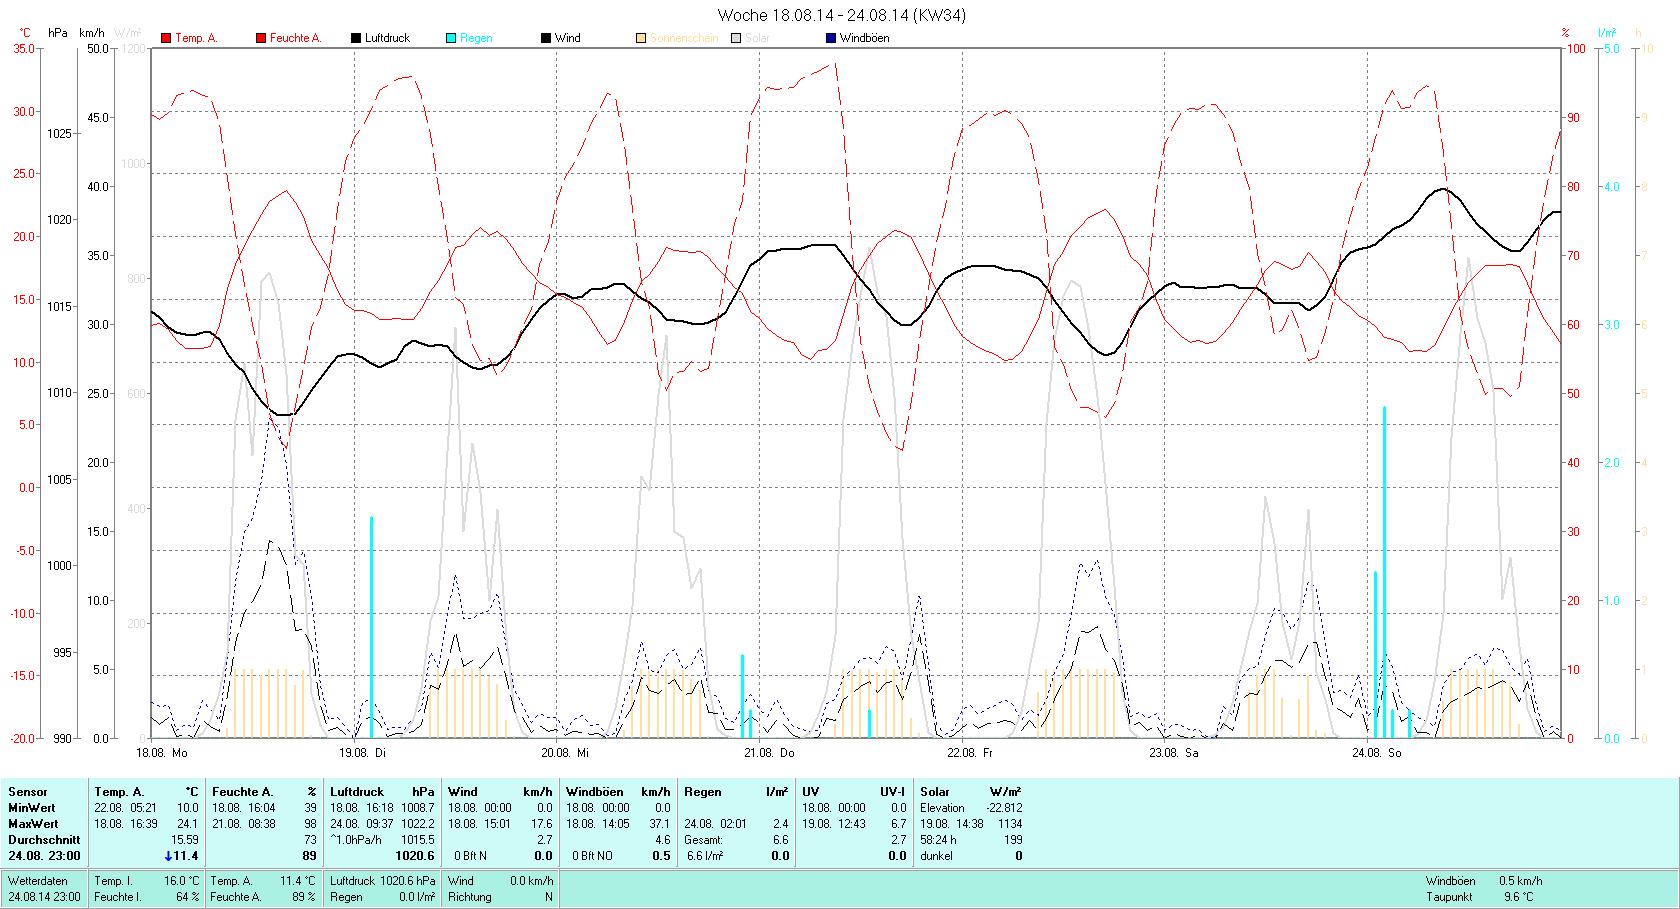 KW 34 Tmin 10.0°C, Tmax 24.1°C, Sonne 58:24h, Niederschlag 6.6mm/2